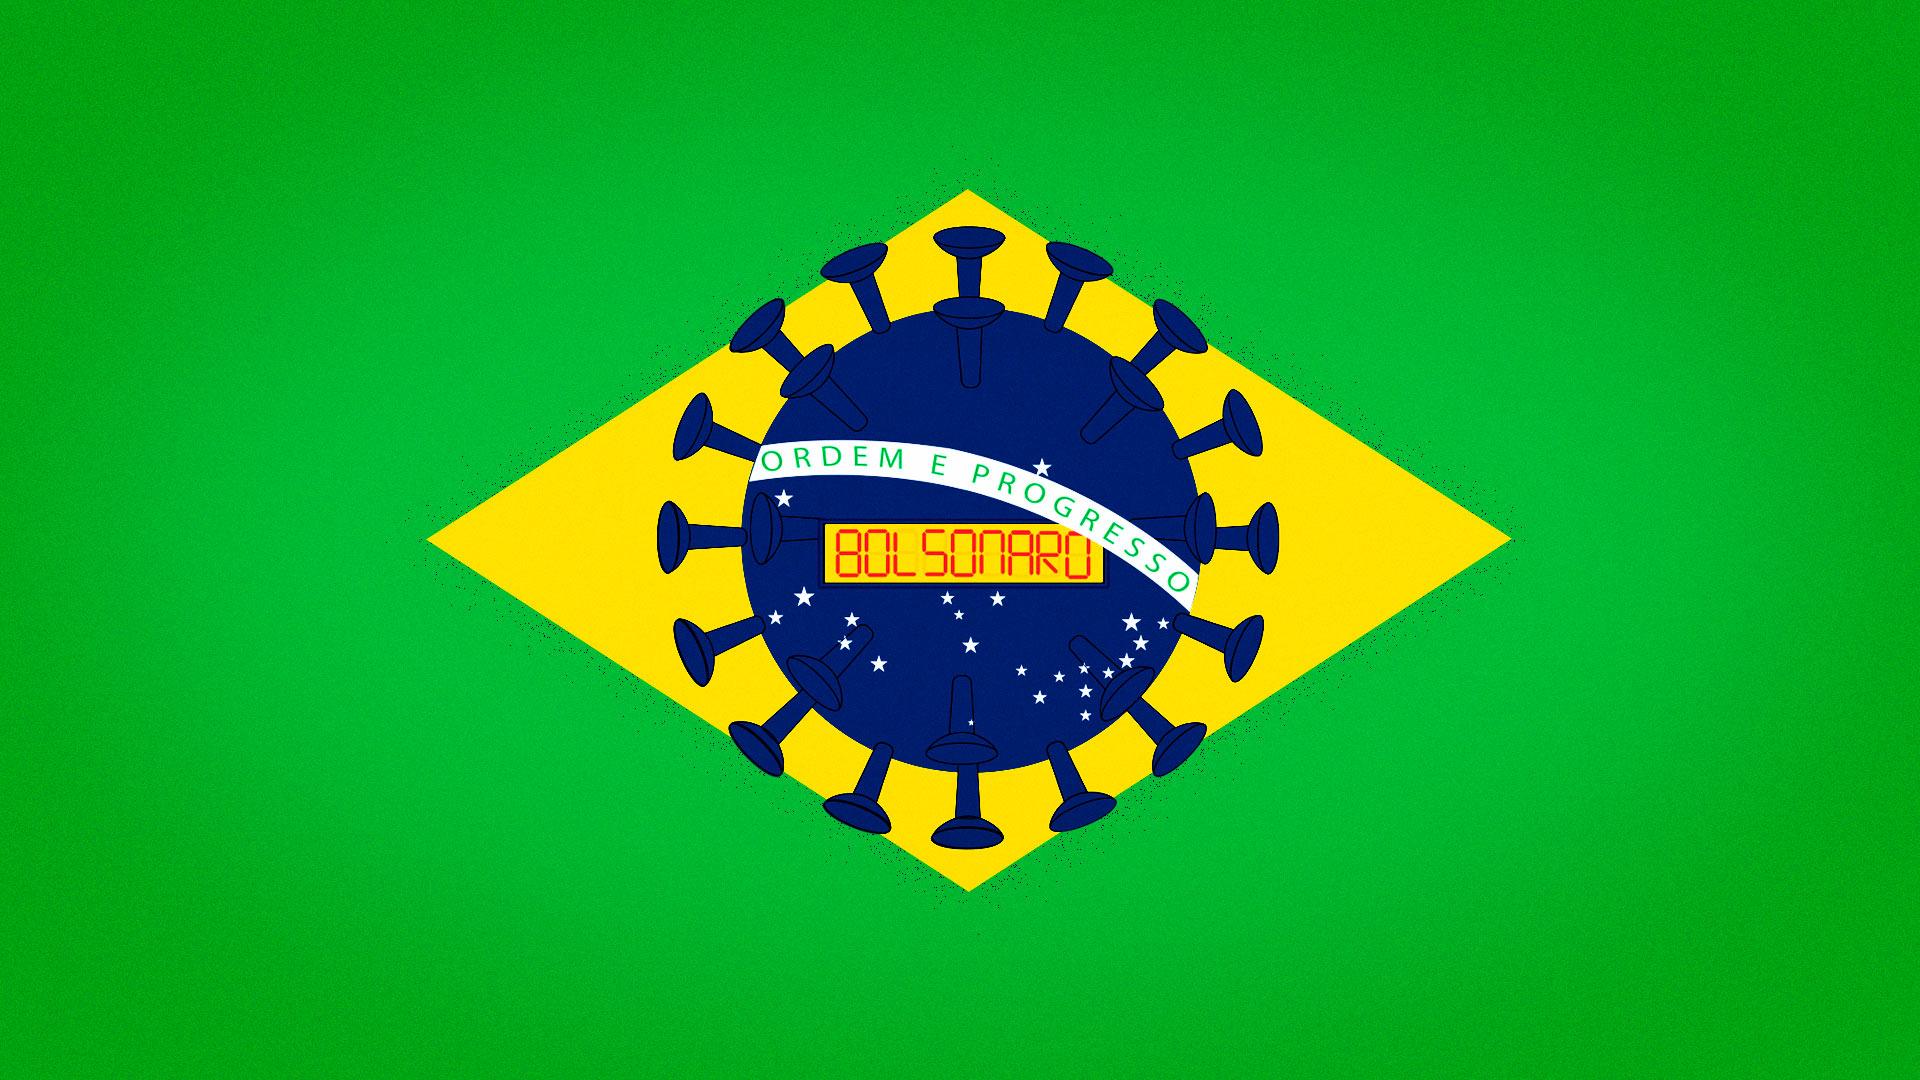 BRASIL_01